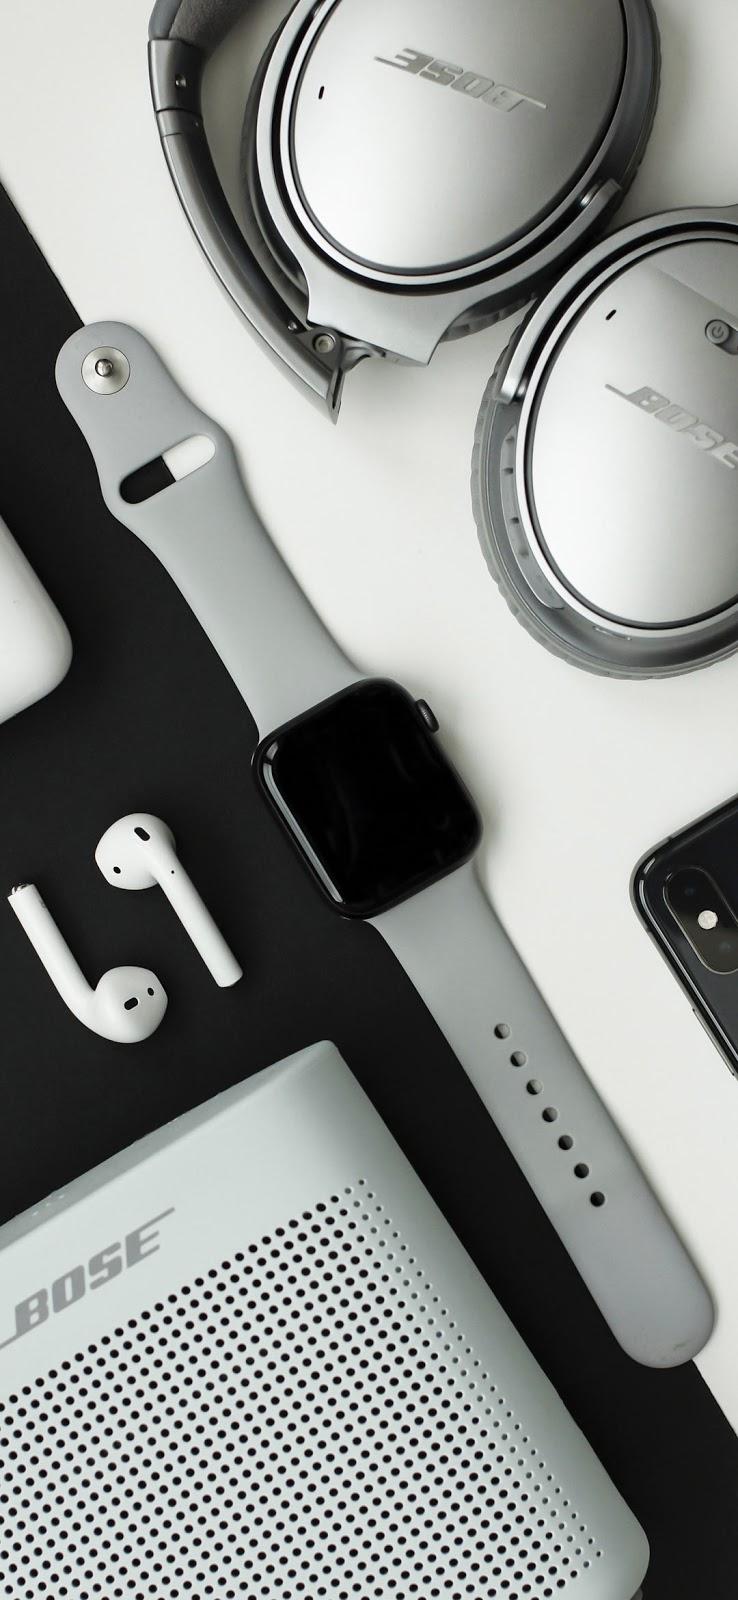 Gray high end tech gadgets